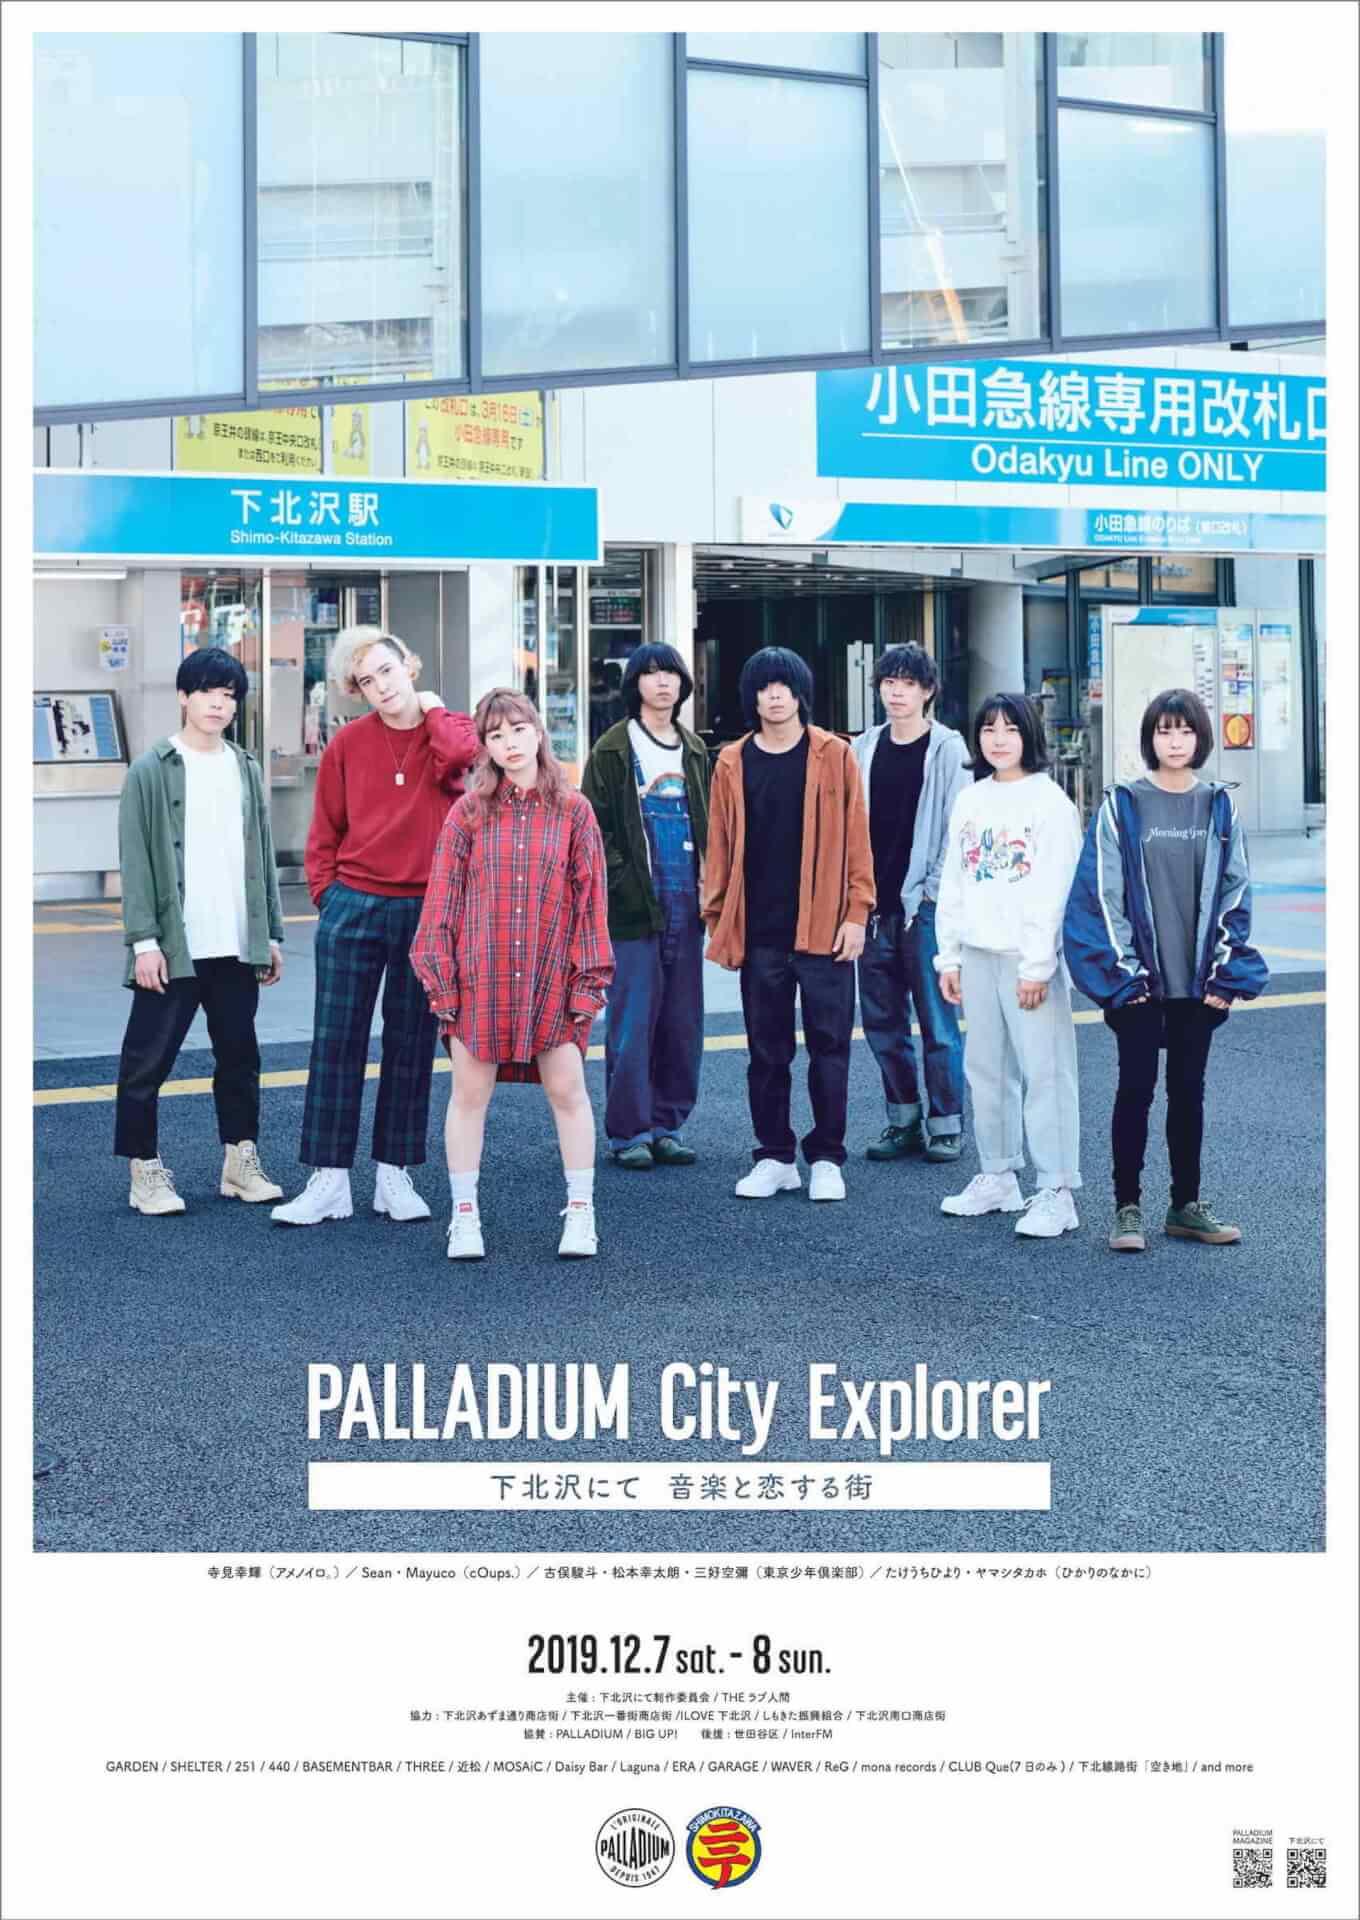 下北沢最大級のカルチャーサーキットフェス<下北沢にて'19>の第五弾アーティストが決定|PALLADIUMとのコラボポスターも公開 waku-nite19_palladium_1st-collabo-poster-mini